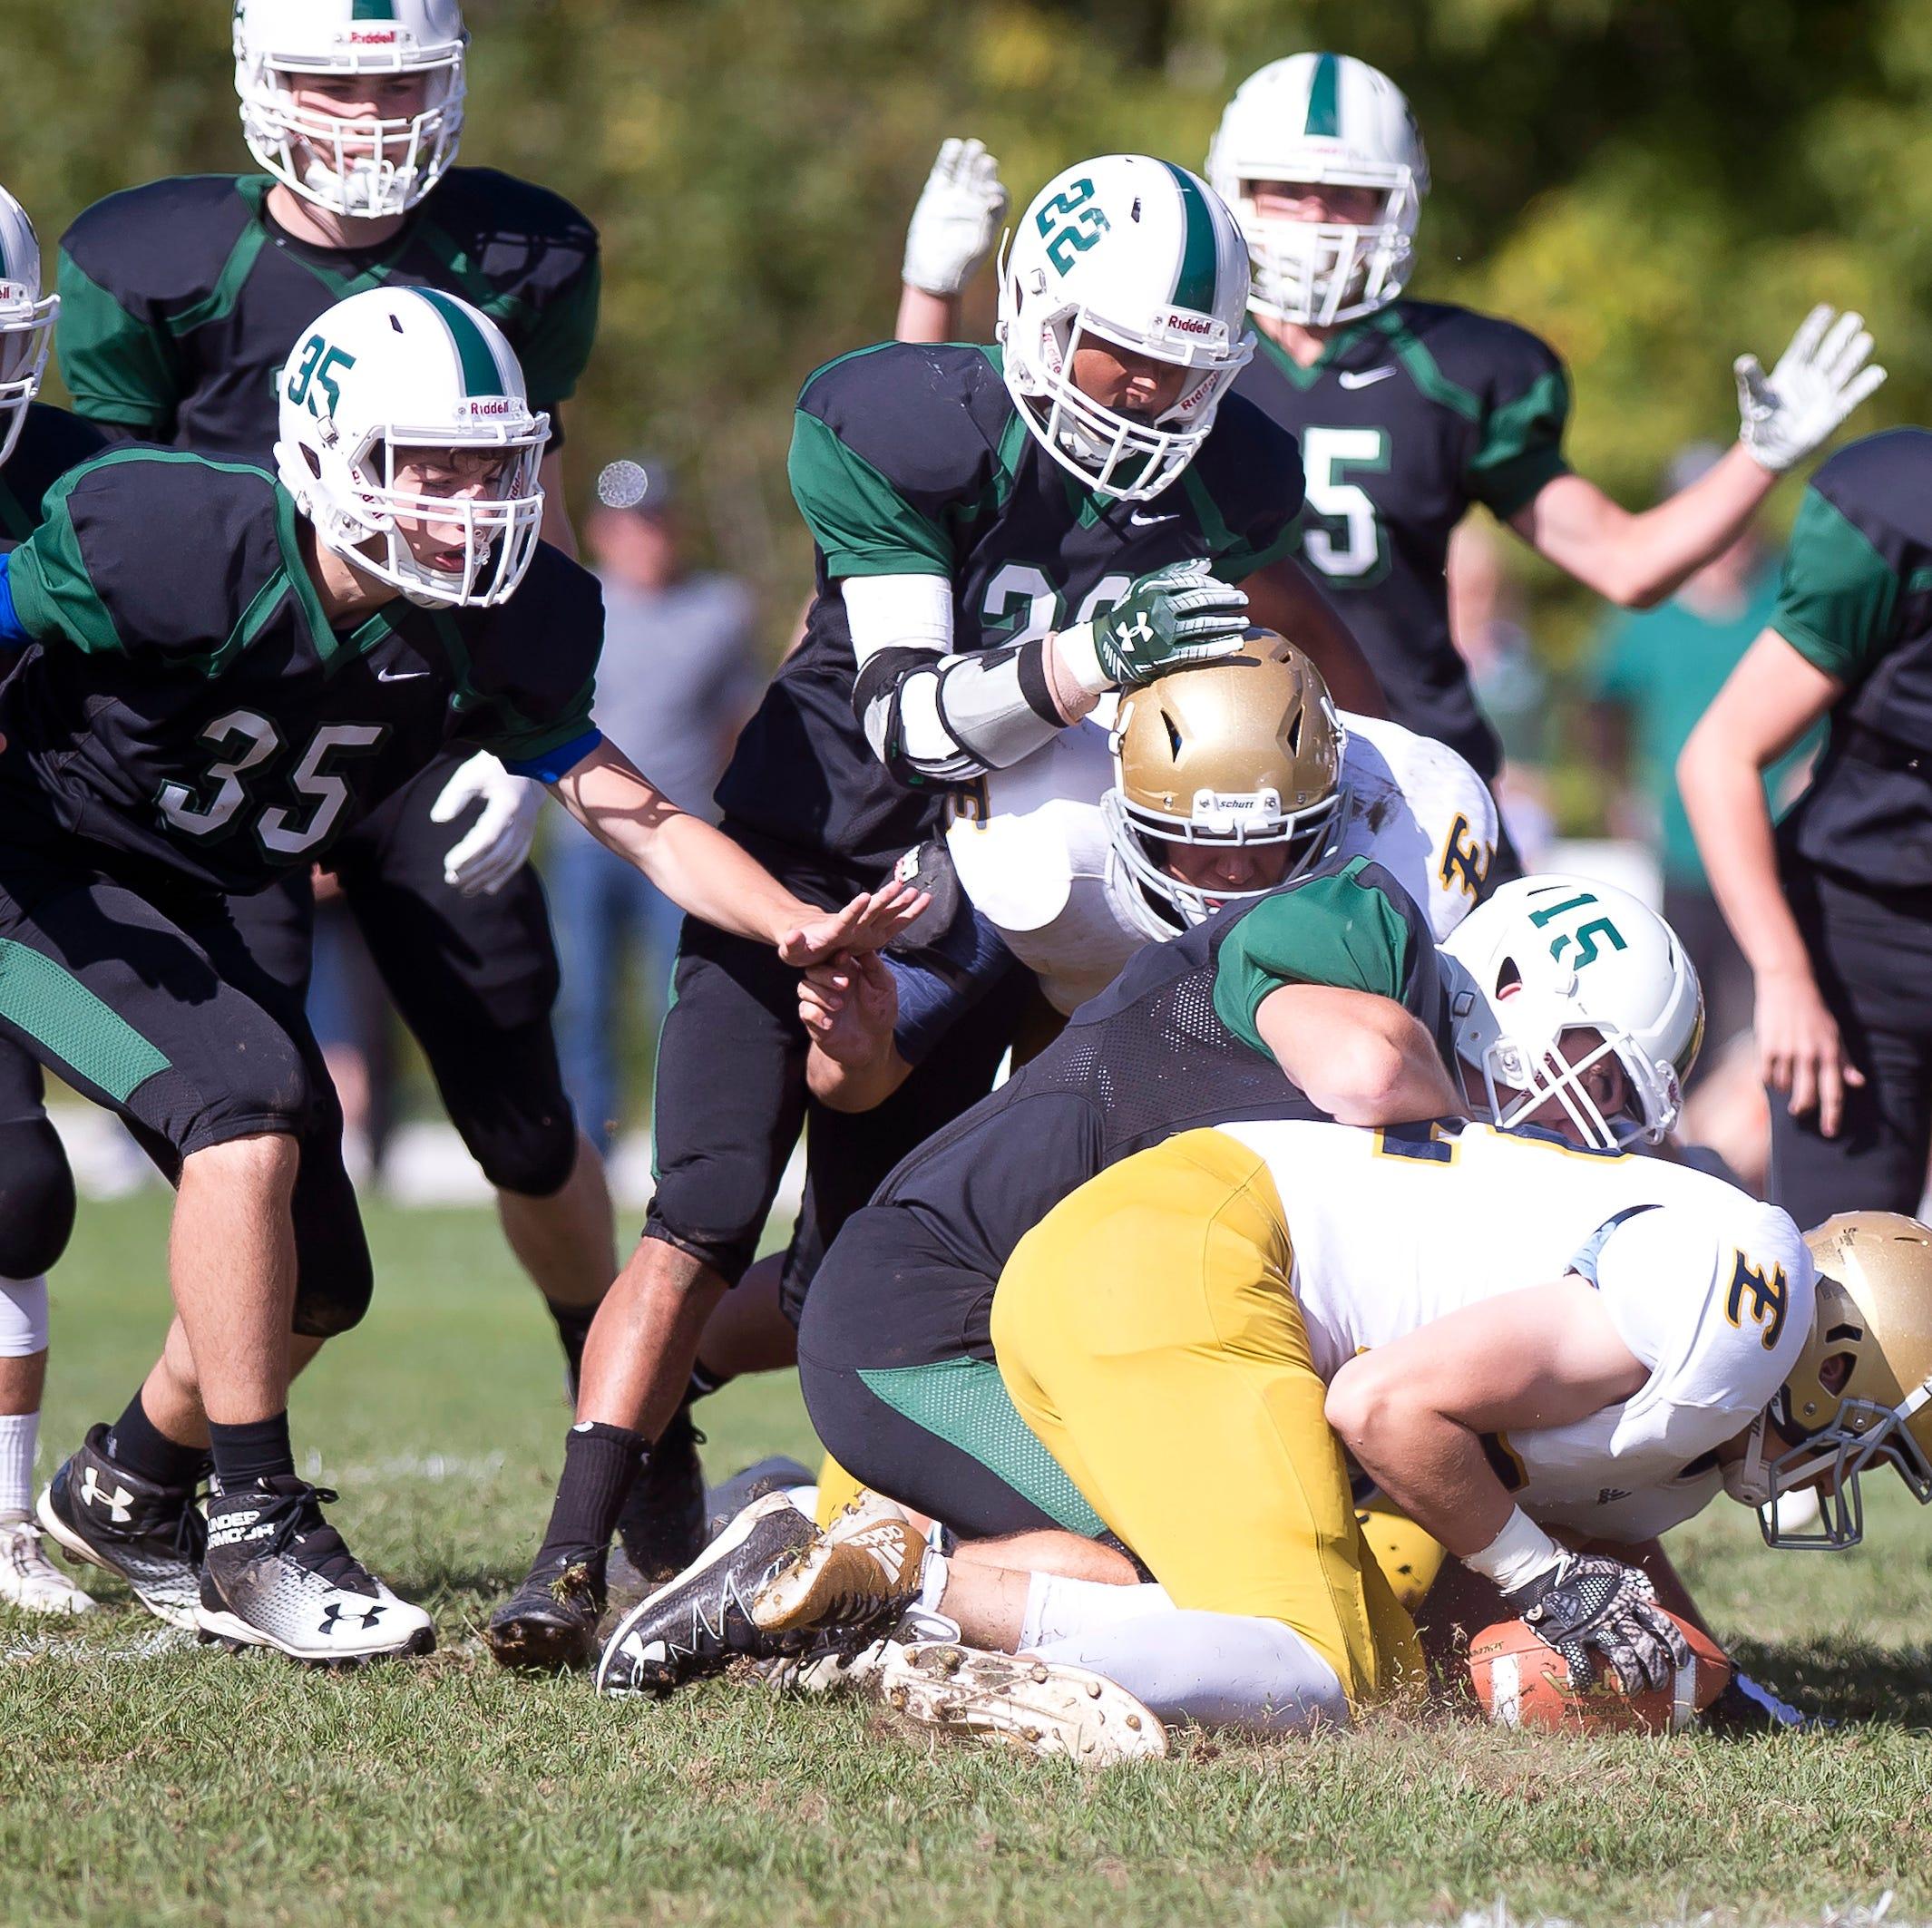 Vermont high school football: Week 5 power rankings